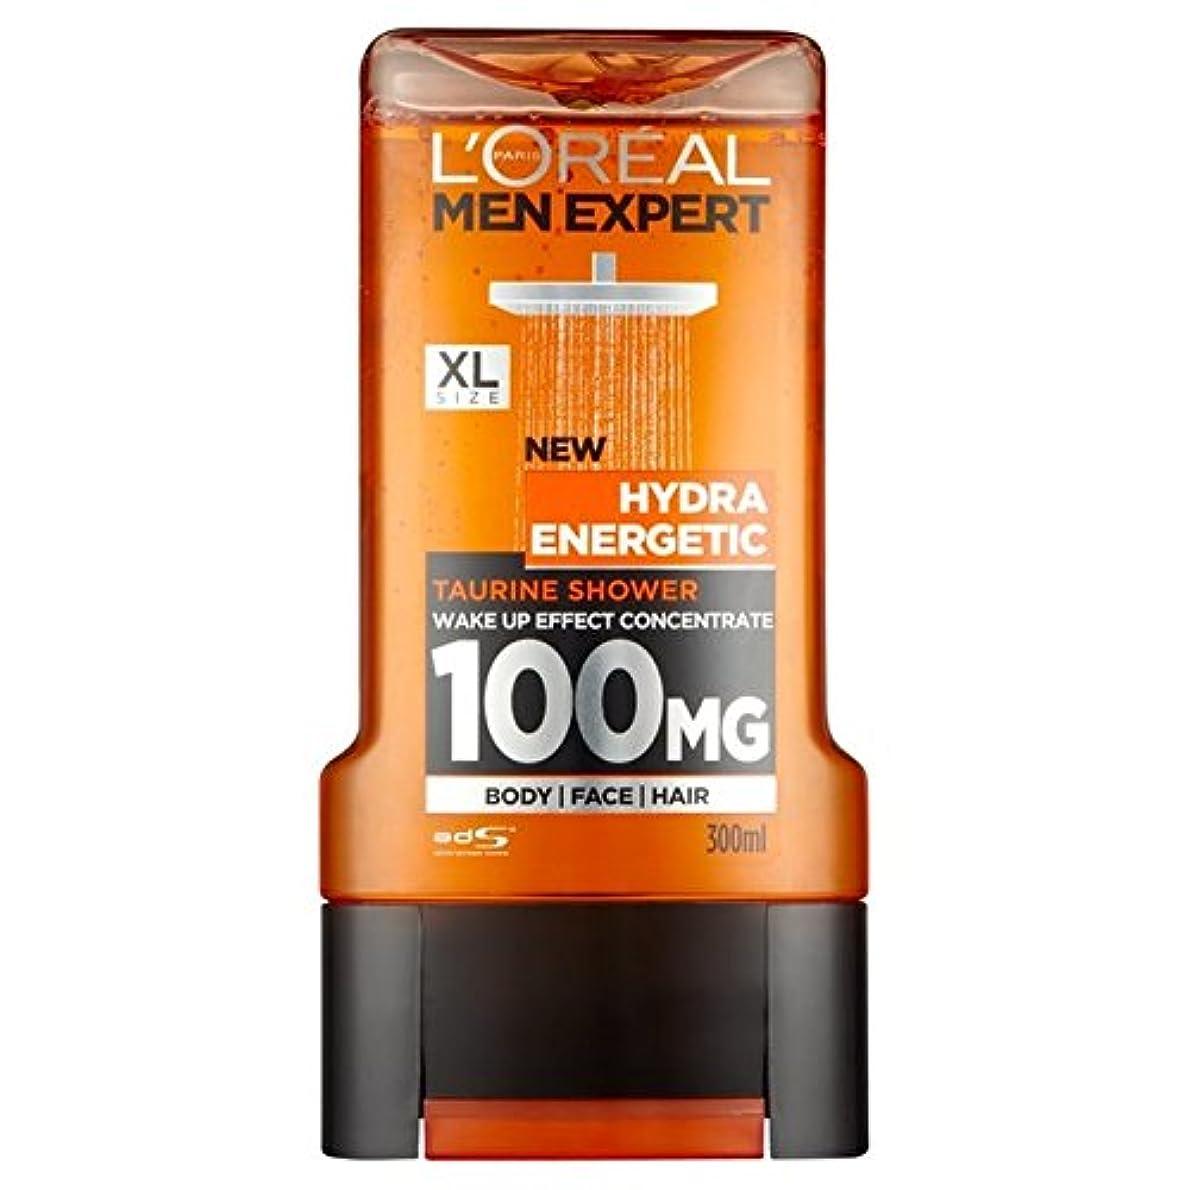 豚肉差わなロレアルパリのメンズ専門家ヒドラエネルギッシュなシャワージェル300ミリリットル x4 - L'Oreal Paris Men Expert Hydra Energetic Shower Gel 300ml (Pack...